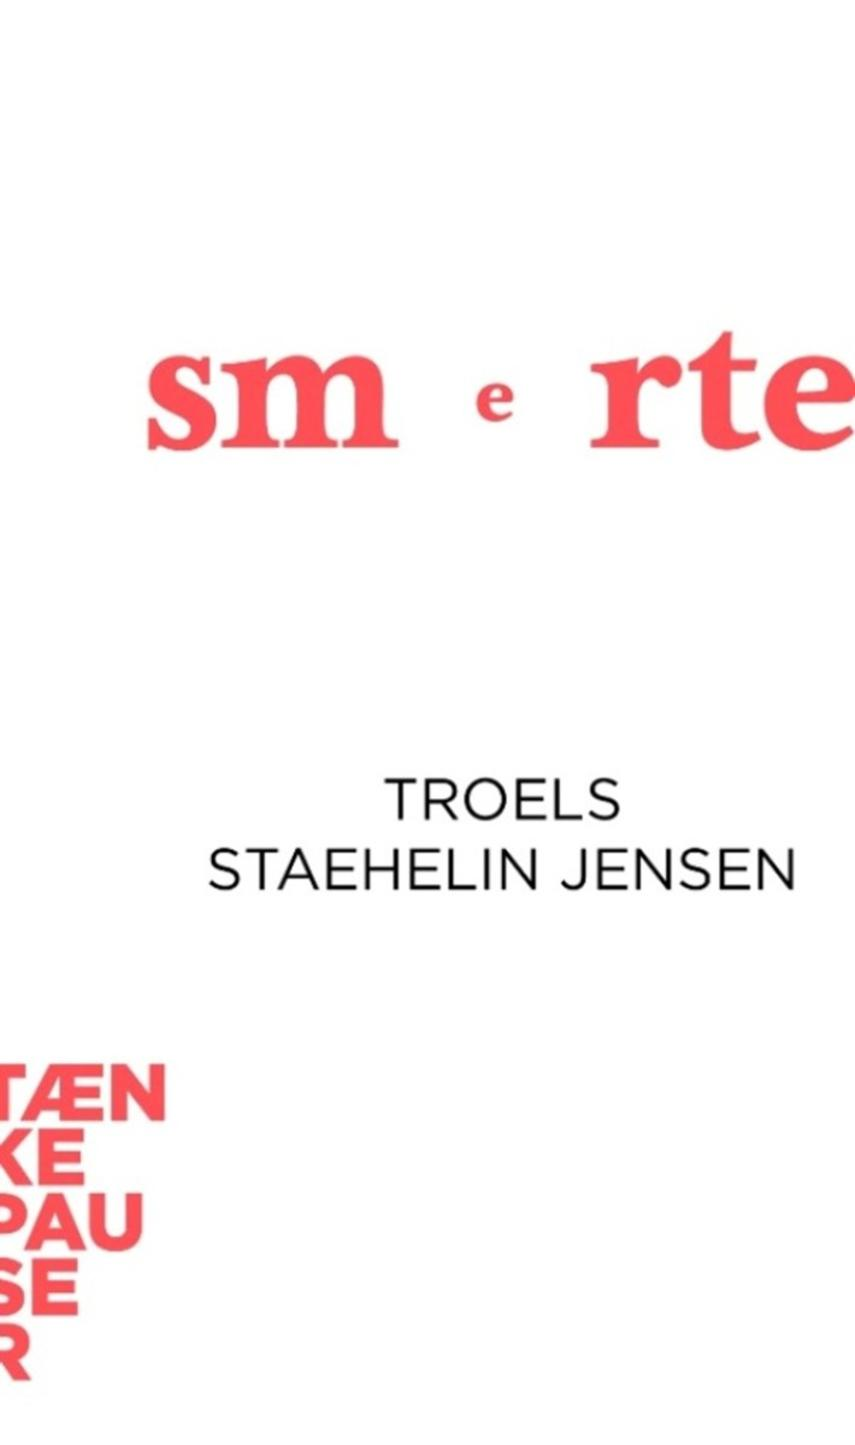 Troels Staehelin Jensen: Smerte